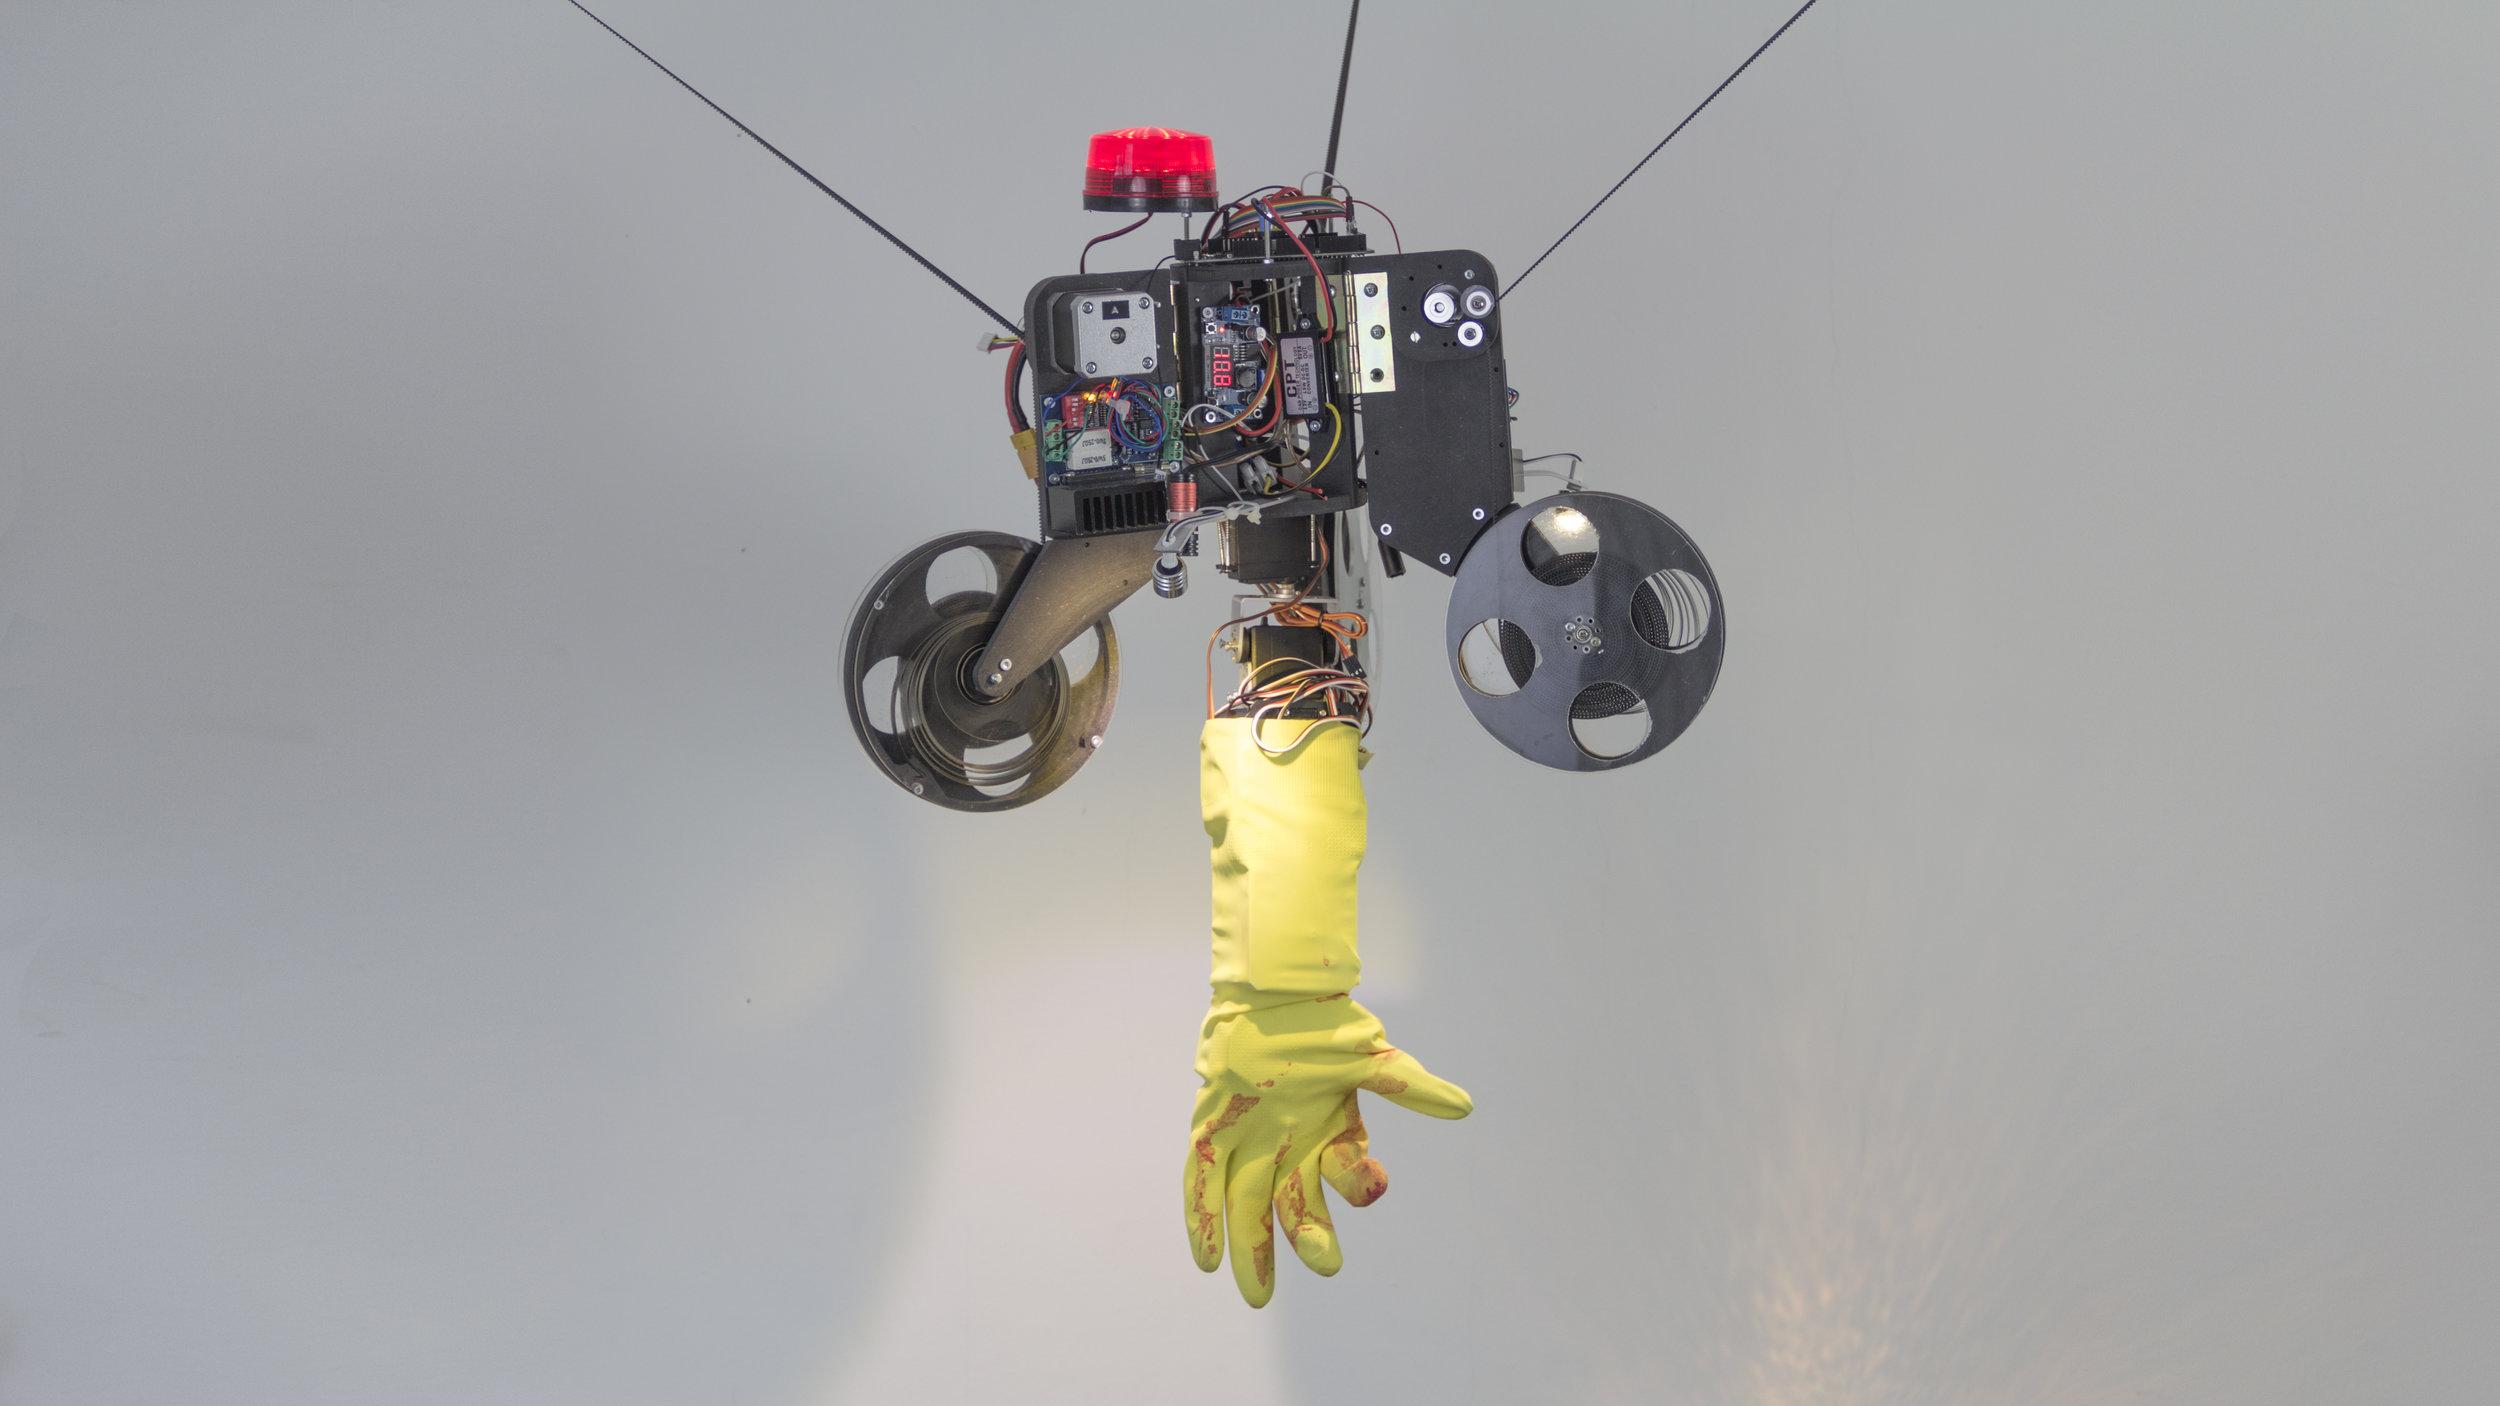 The  Ungenaubot , 2018. Photograph by Ilmar Hurkxkens and Fabian Bircher